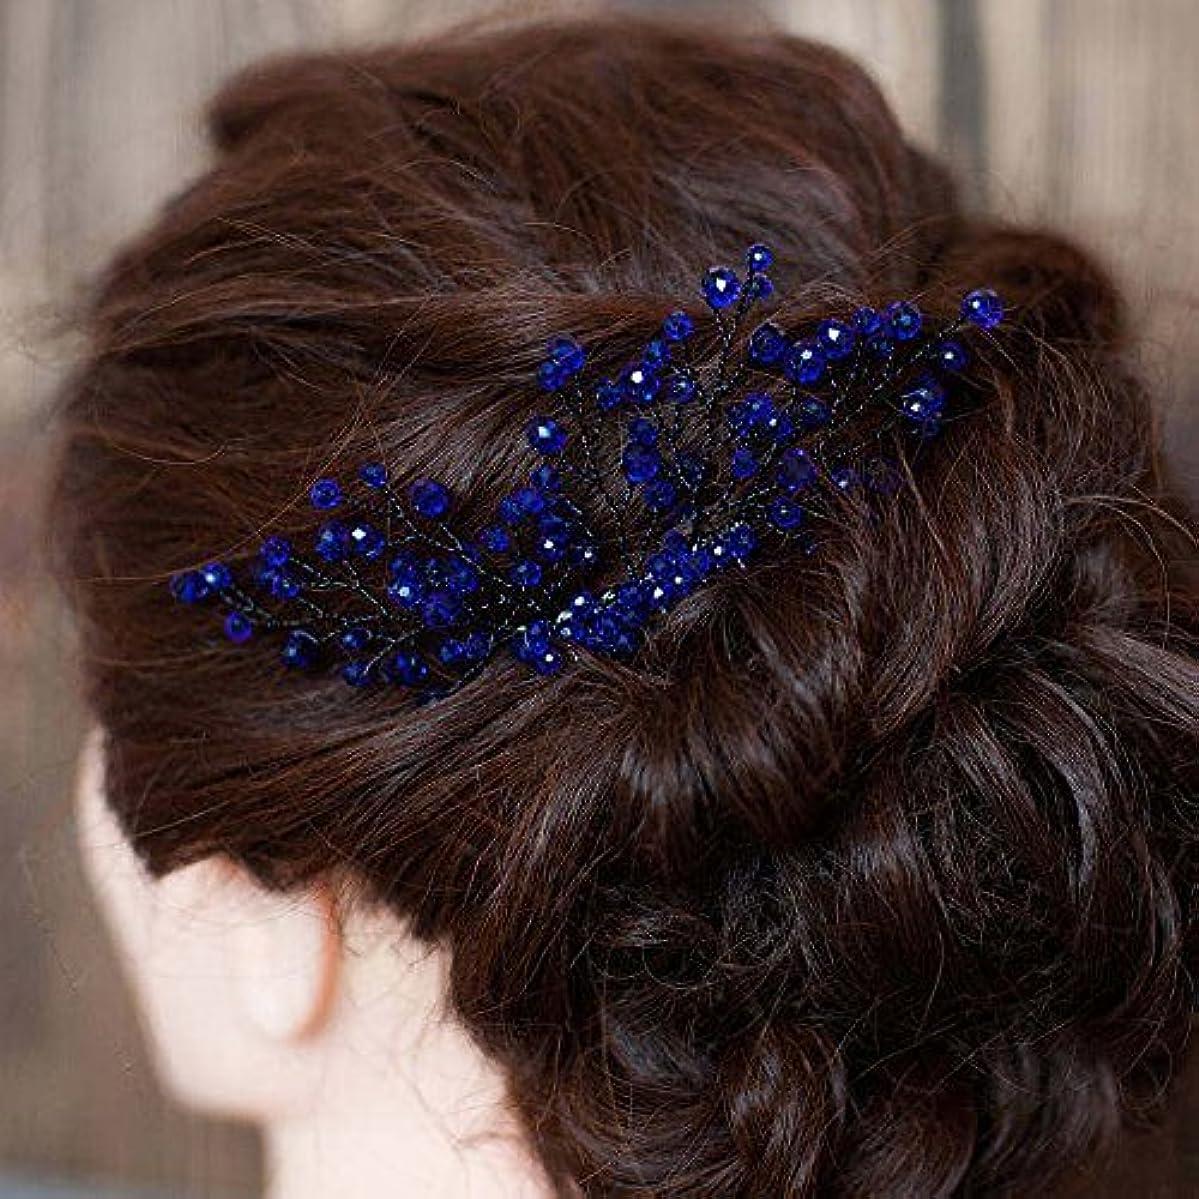 青コンテストイースターFXmimior Bridal Women Navy Blue Vintage Crystal Rhinestone Vintage Hair Comb Wedding Party Hair Accessories [並行輸入品]